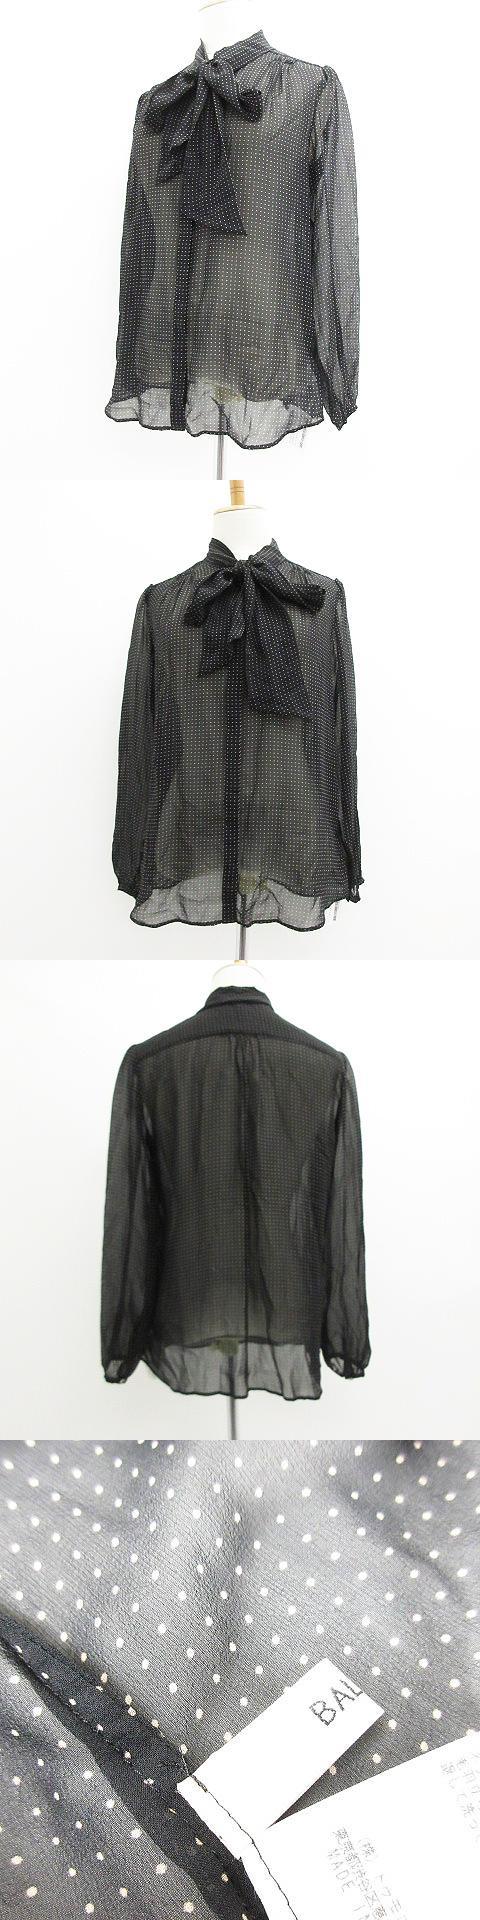 美品 ブラウス 長袖 ドット 水玉 リホ゛ン シルク 絹 ブラック 黒 38